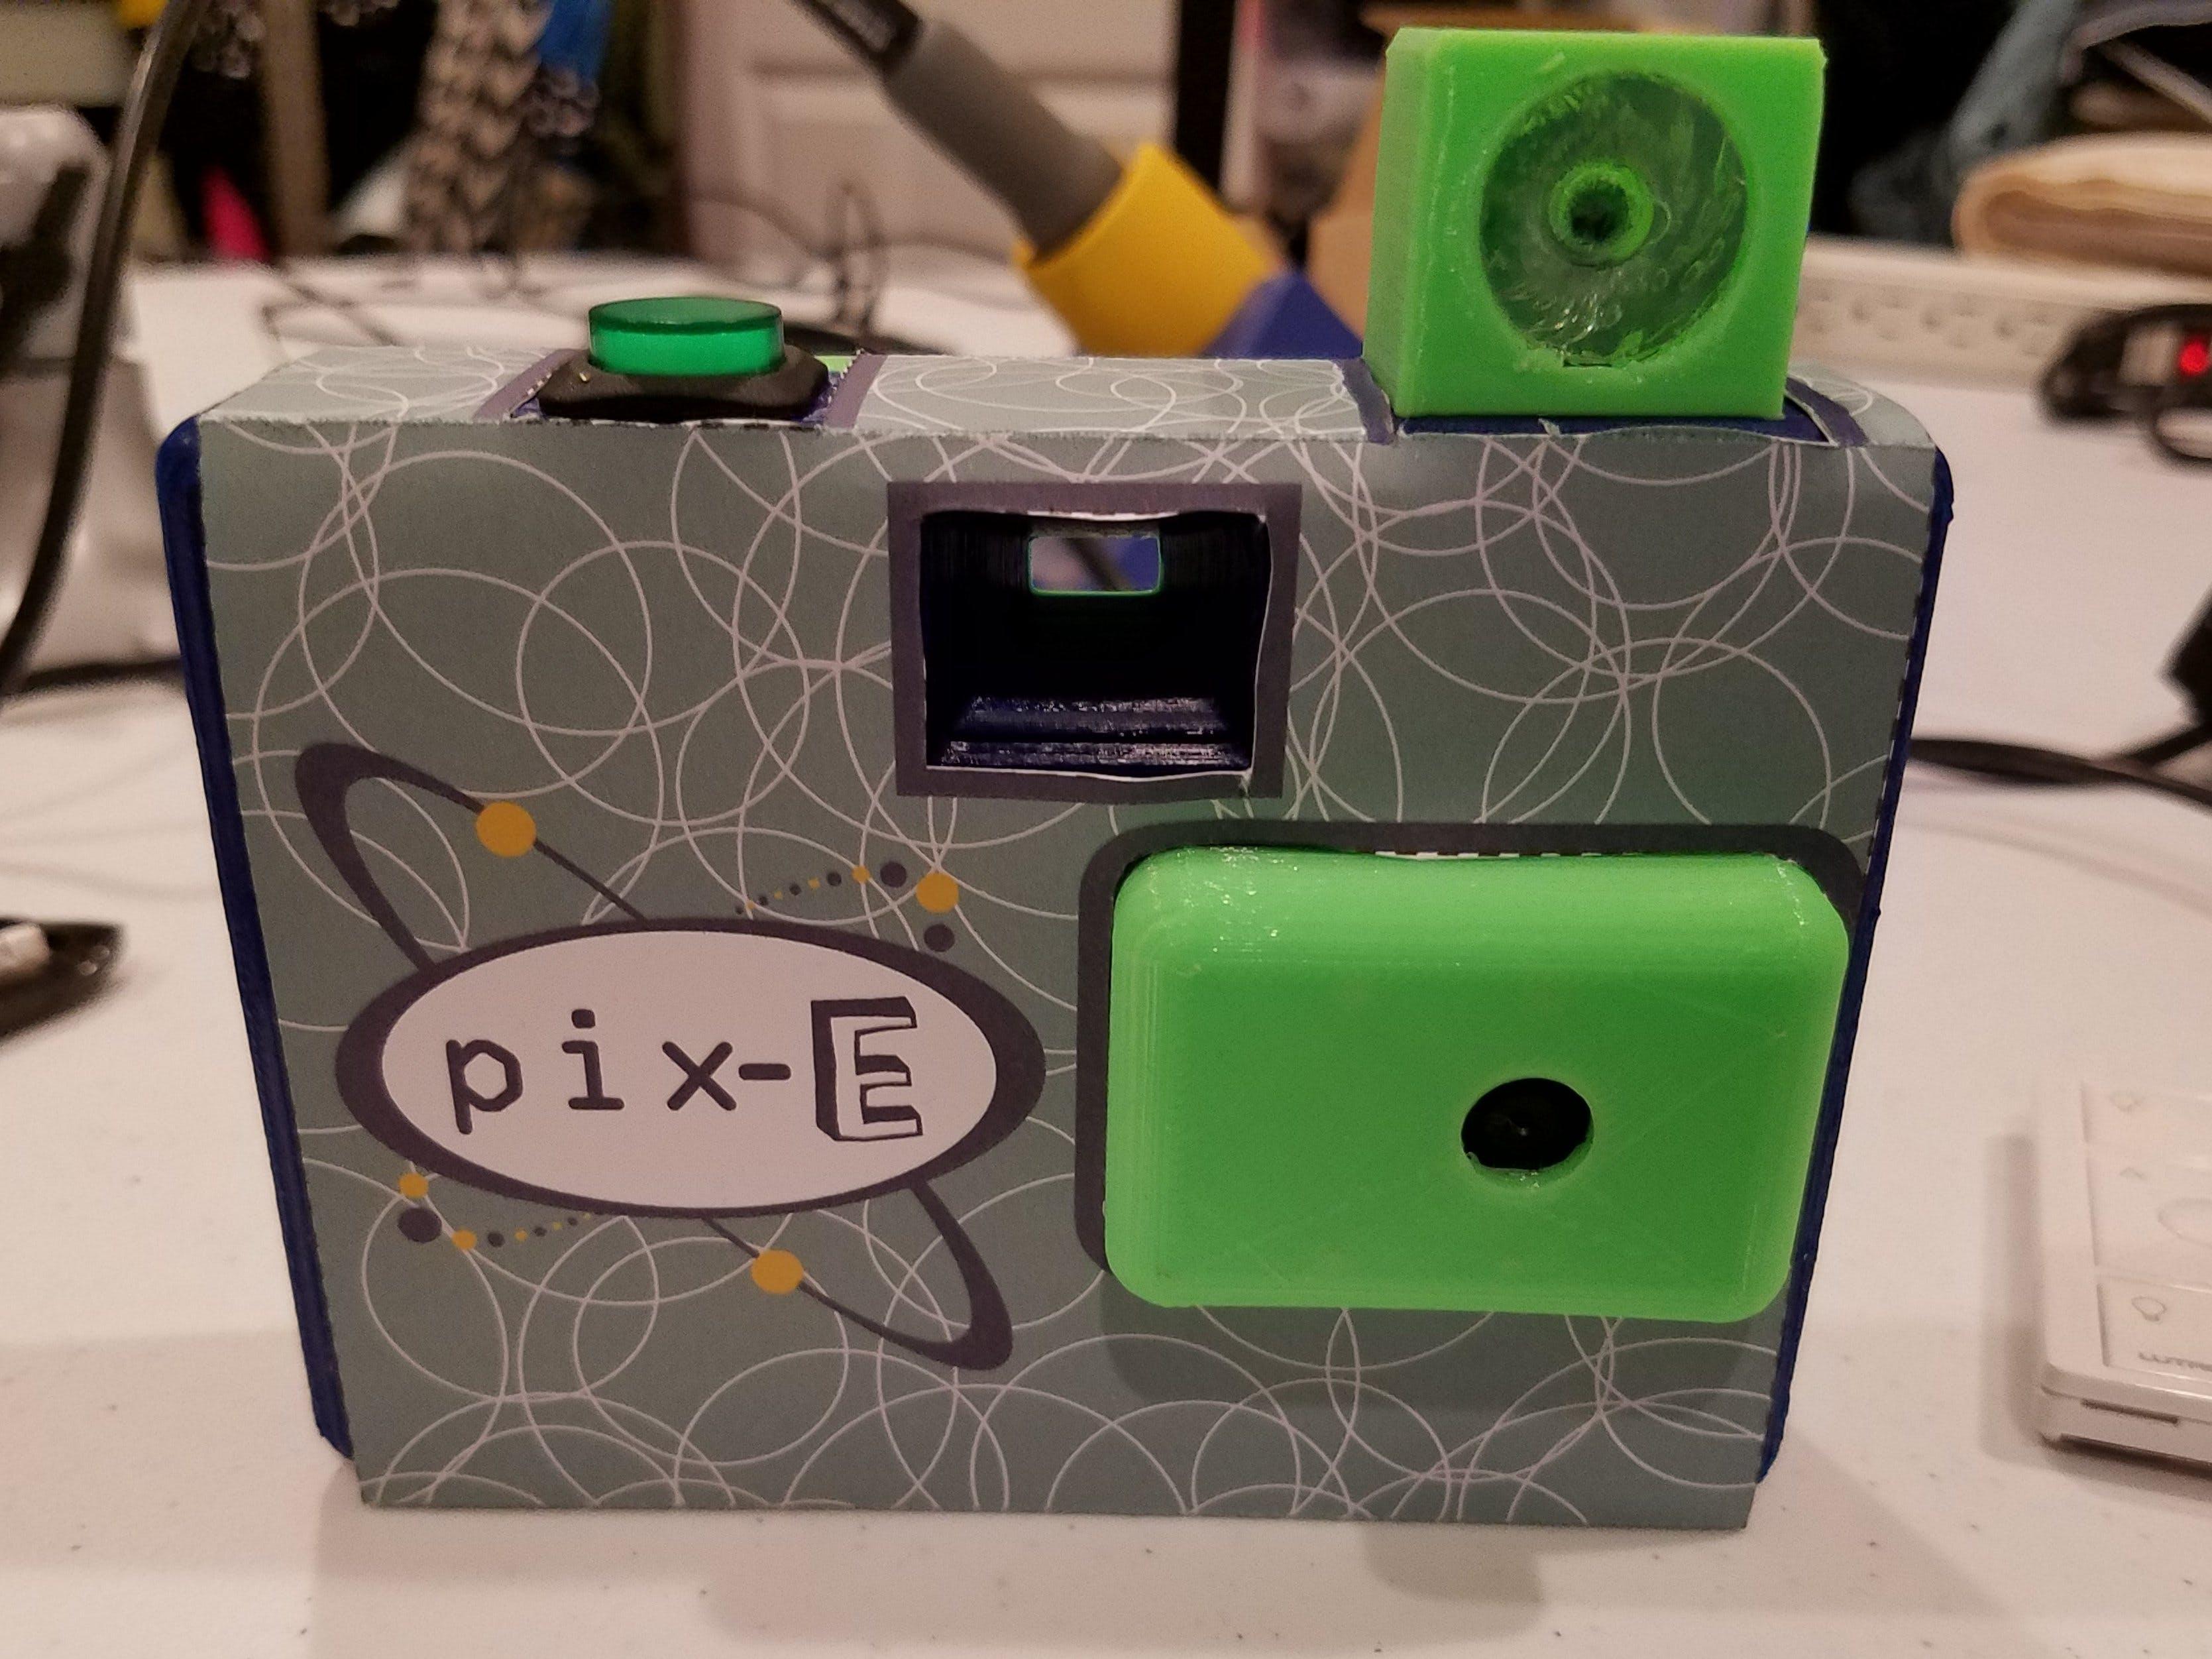 Pix-G IR Flash Pix-E!